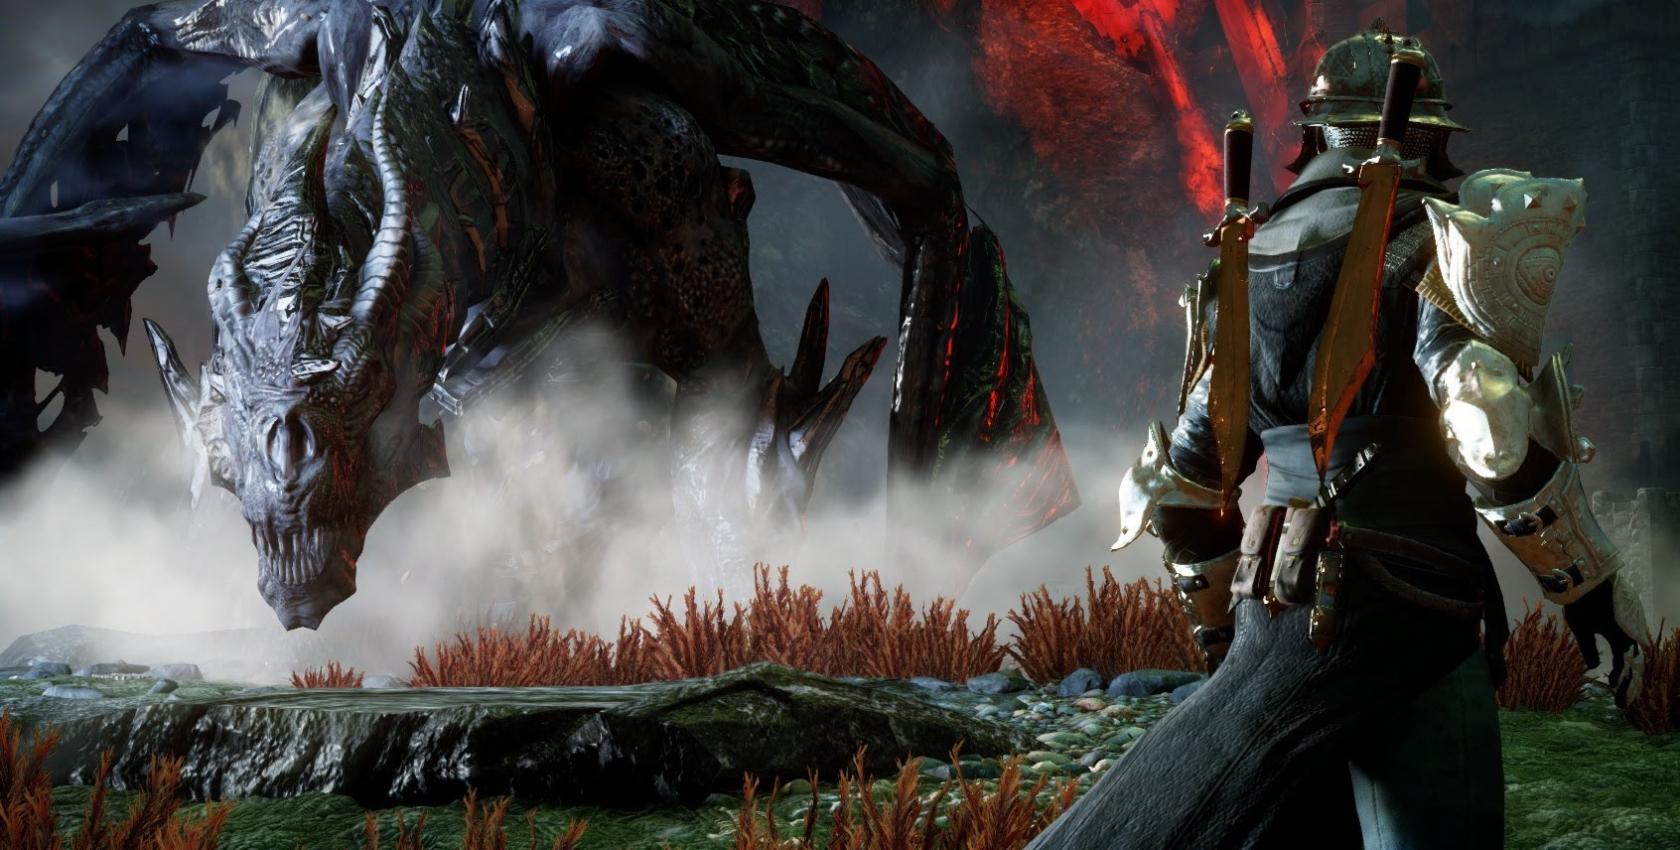 BioWare confirma que novo jogo da franquia Dragon Age está sendo desenvolvido 5